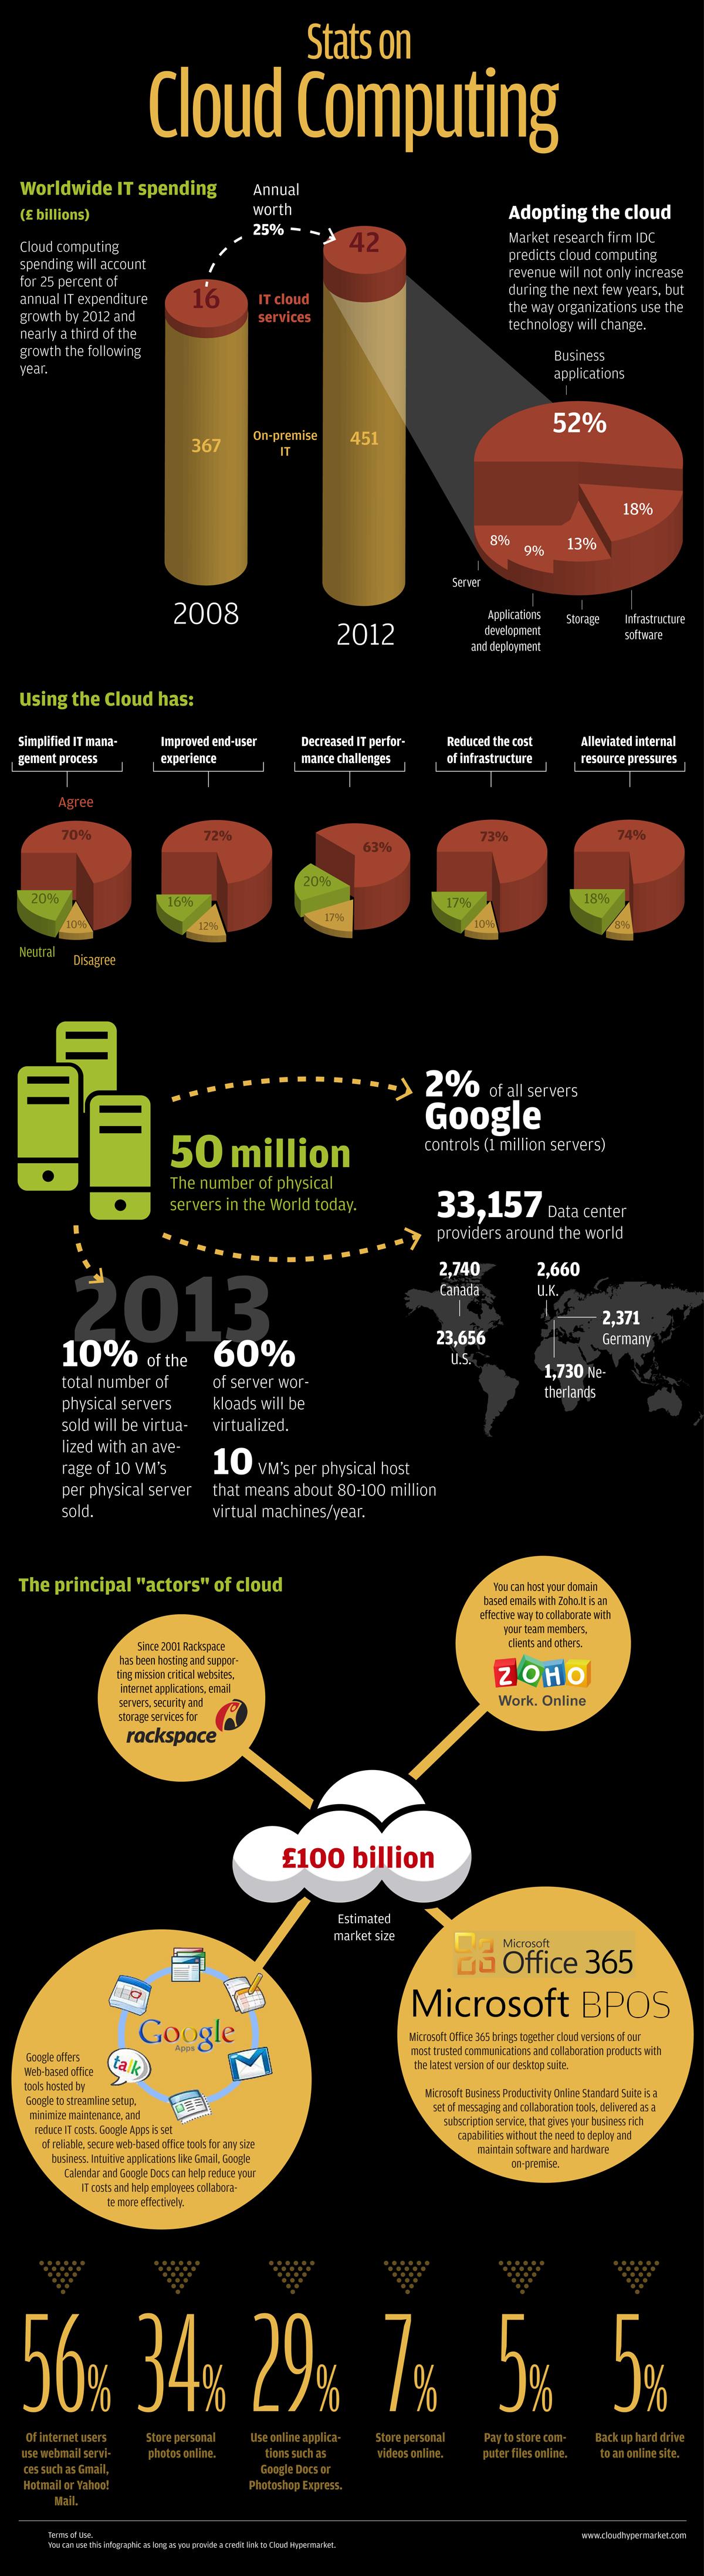 Statistiques sur la technologie cloud computing